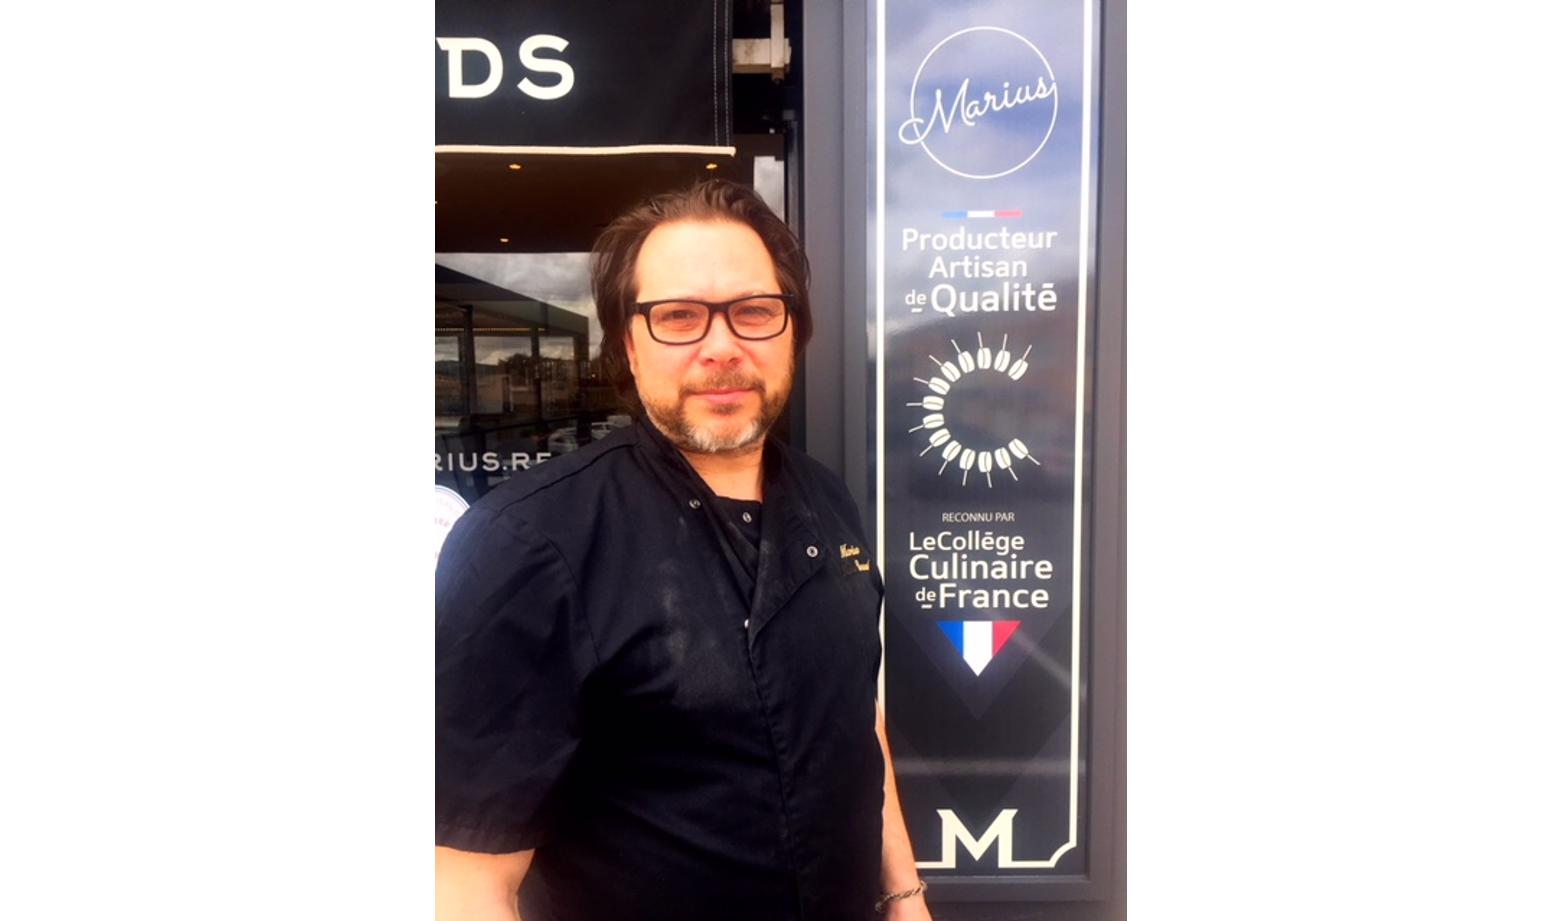 Laurent Silli, Producteur Artisan de Qualité à la Maison Marius à Marseille